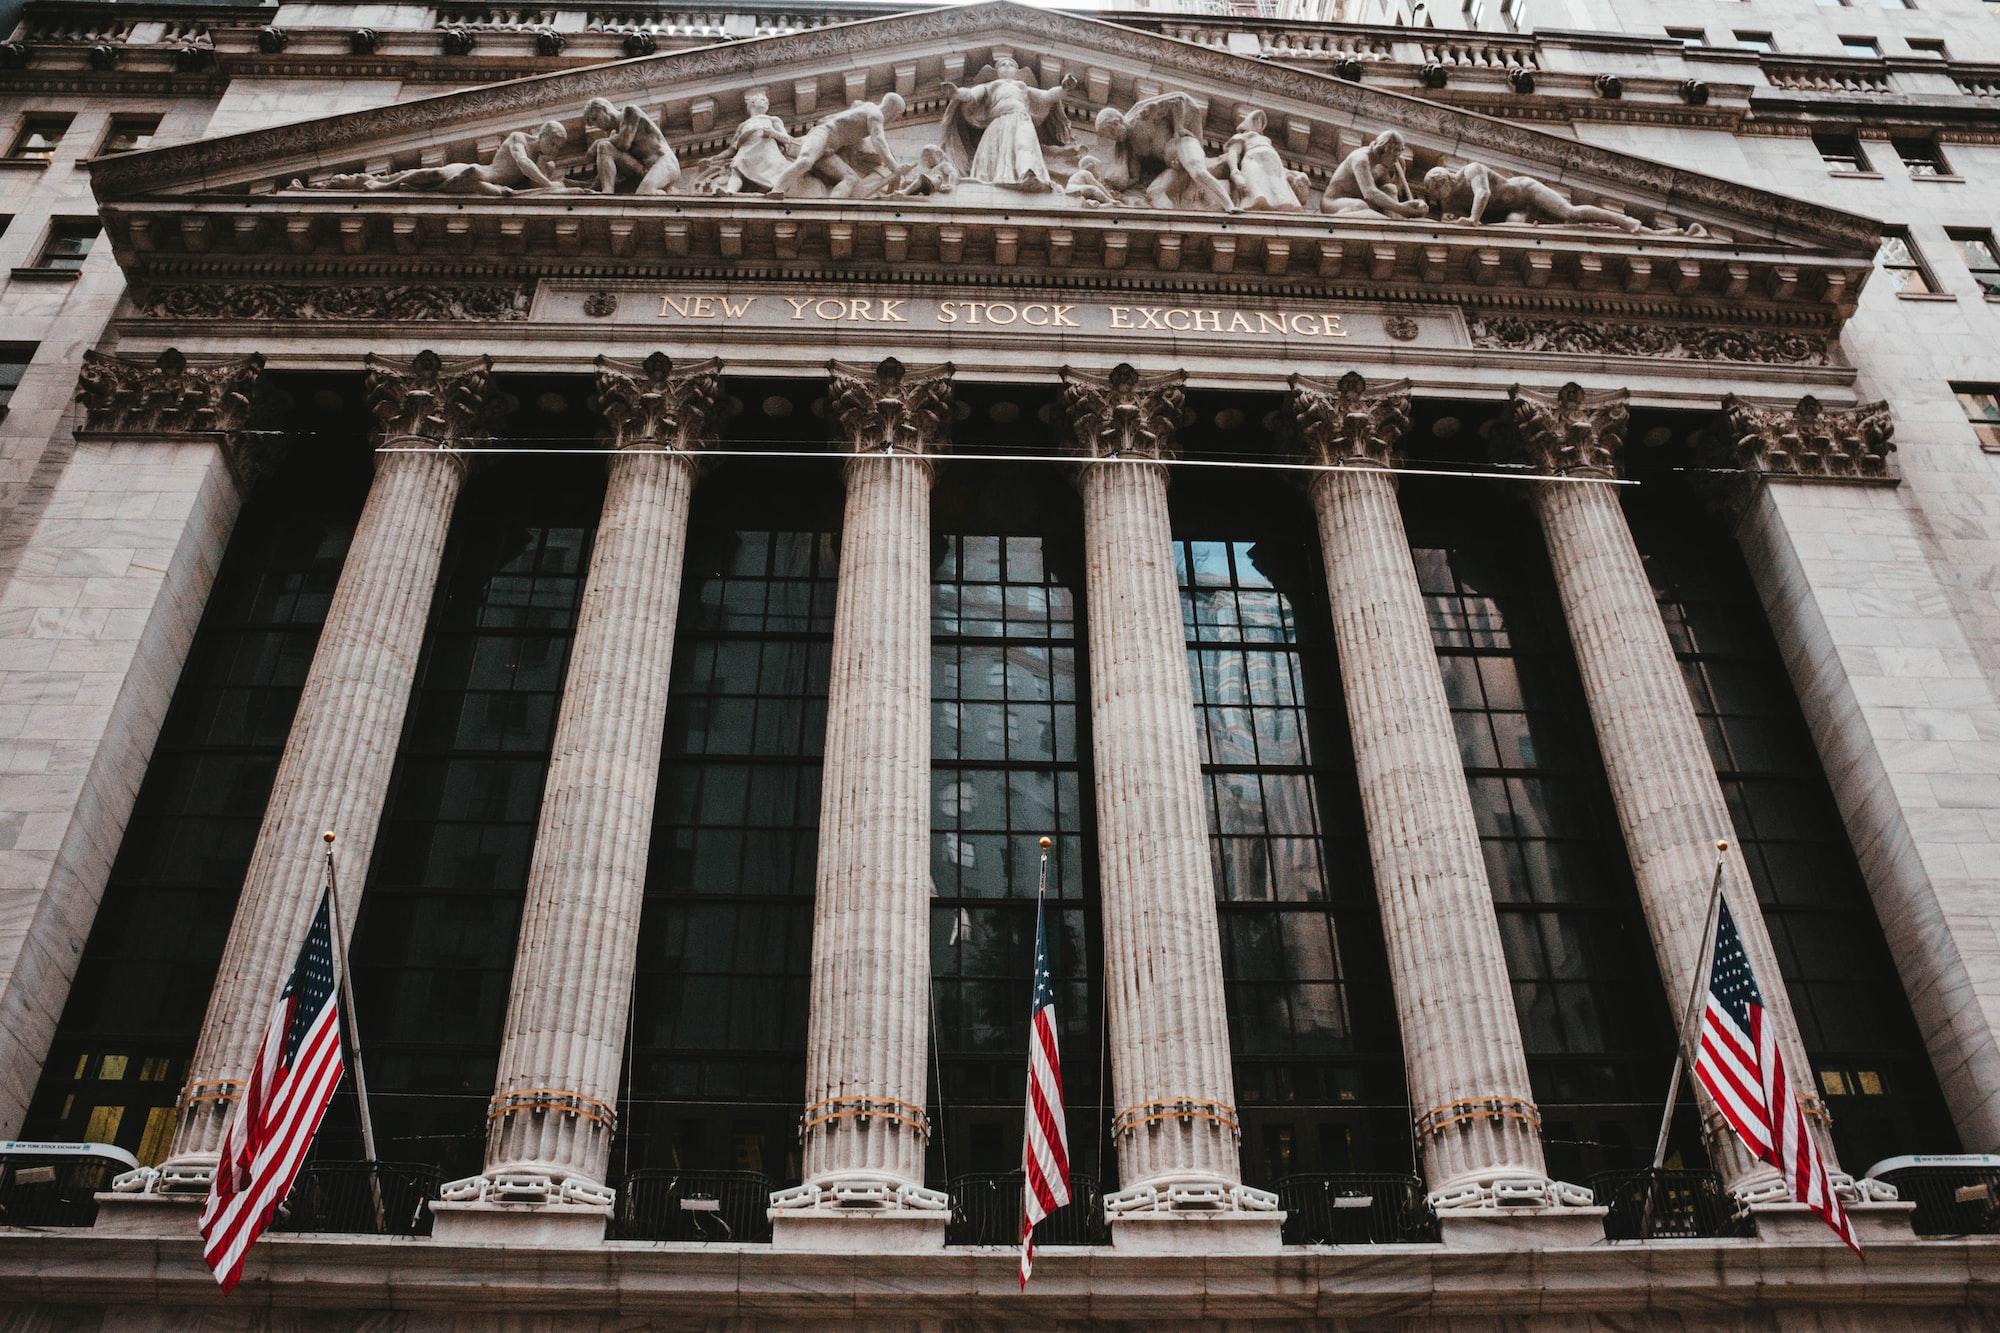 คาดการณ์ราคา Bitcoin หากเหล่านักลงทุนสถาบันลุยตลาดคริปโต